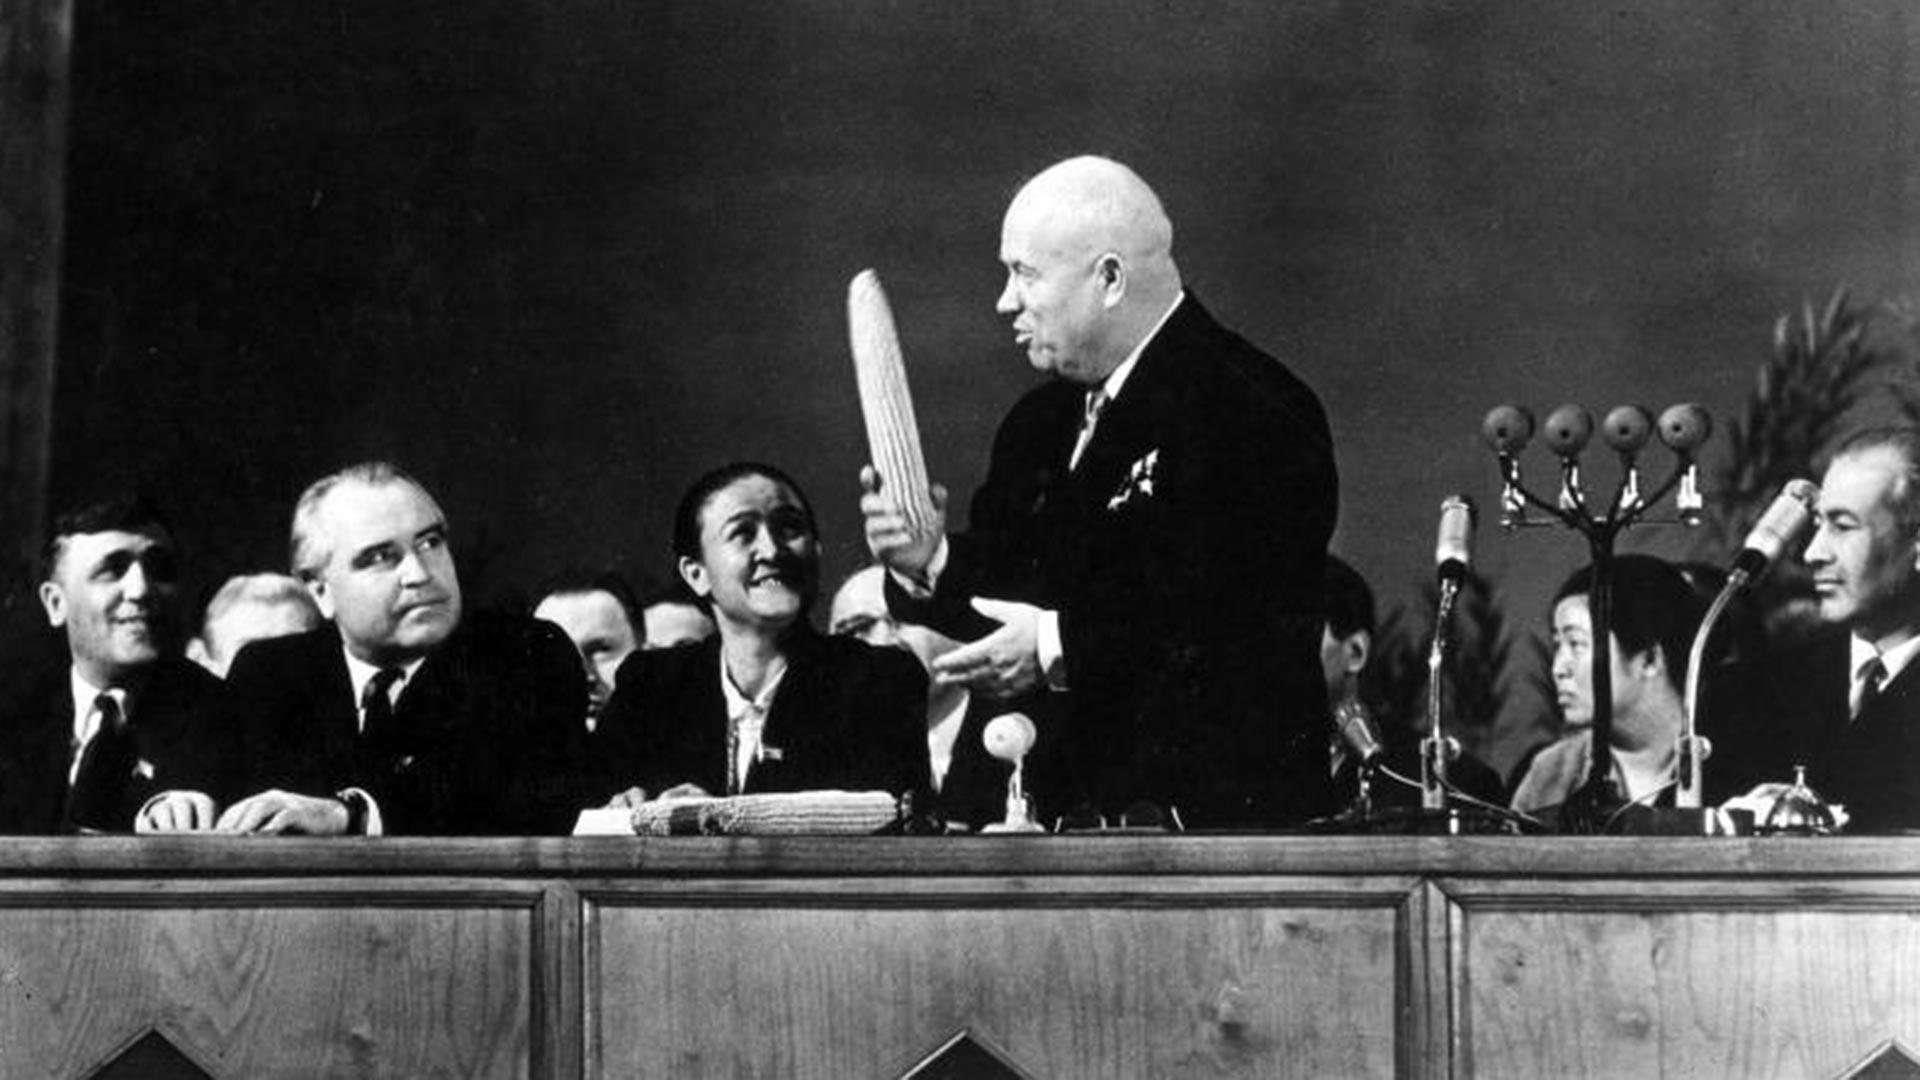 En 1960, il lancera une campagne du maïs en URSS, toutefois son plan sera voué à l'échec.